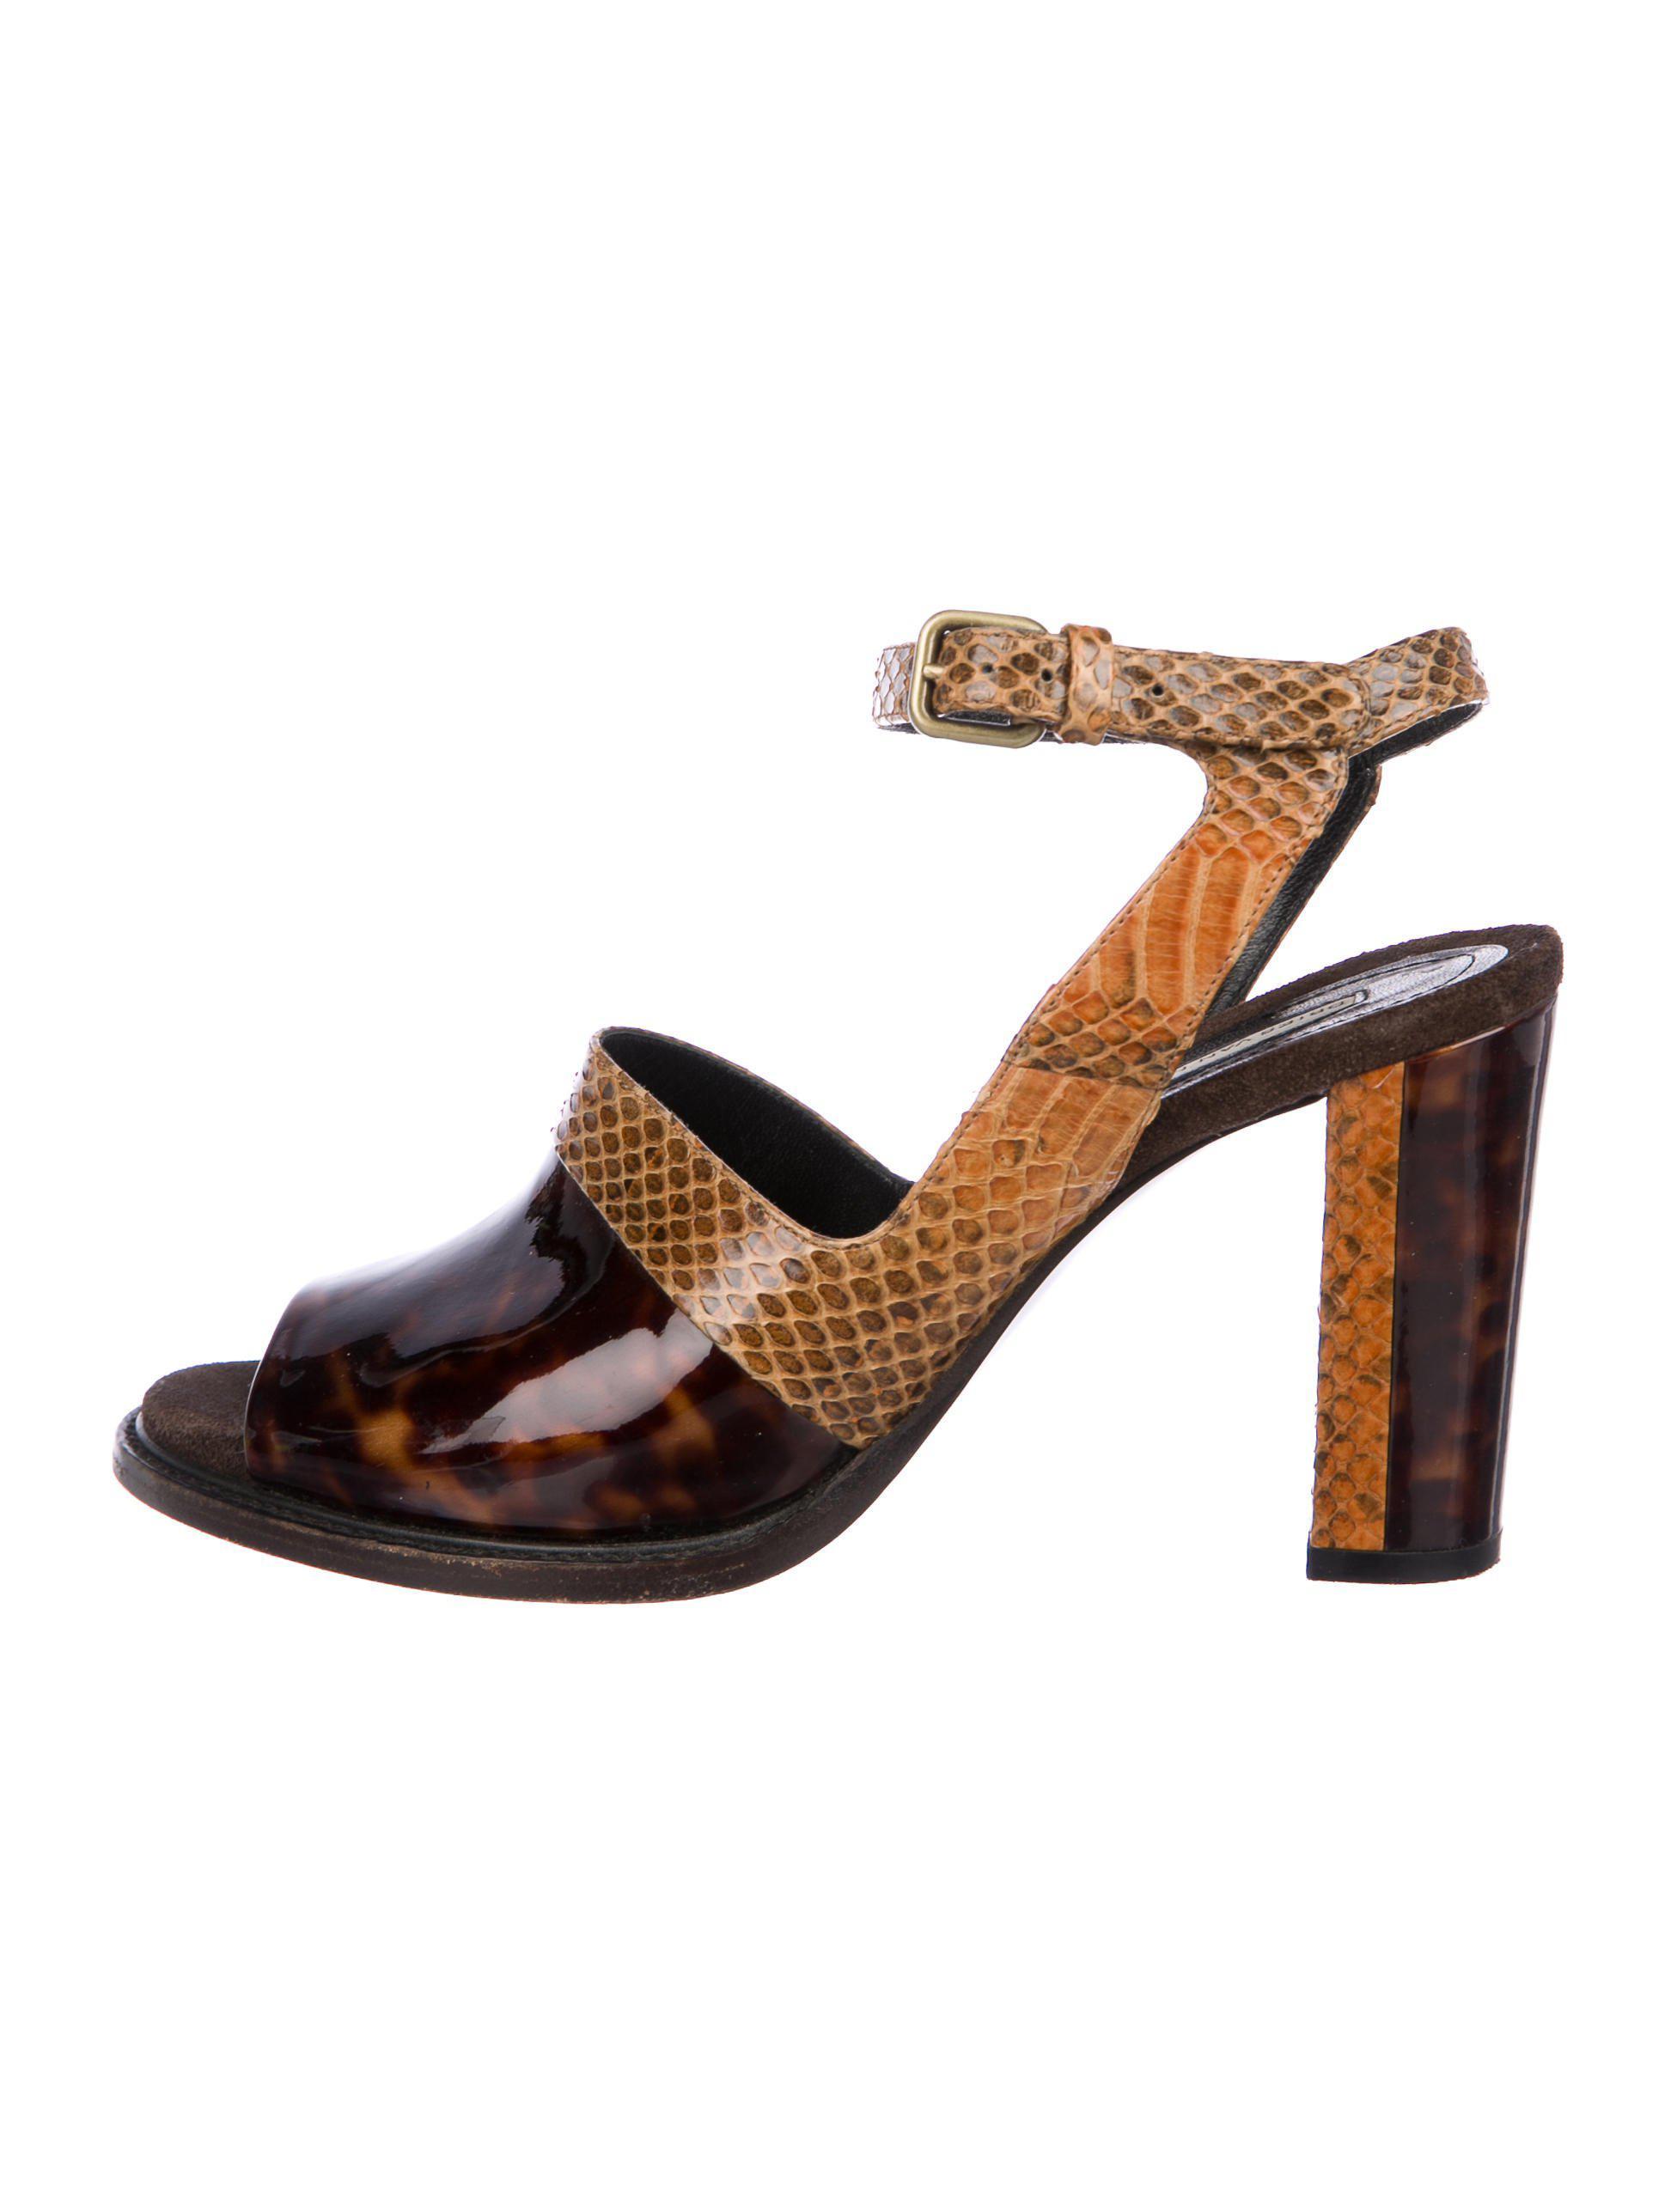 e4d11967918 Lyst - Dries Van Noten Snakeskin Peep-toe Sandals Brown in Metallic